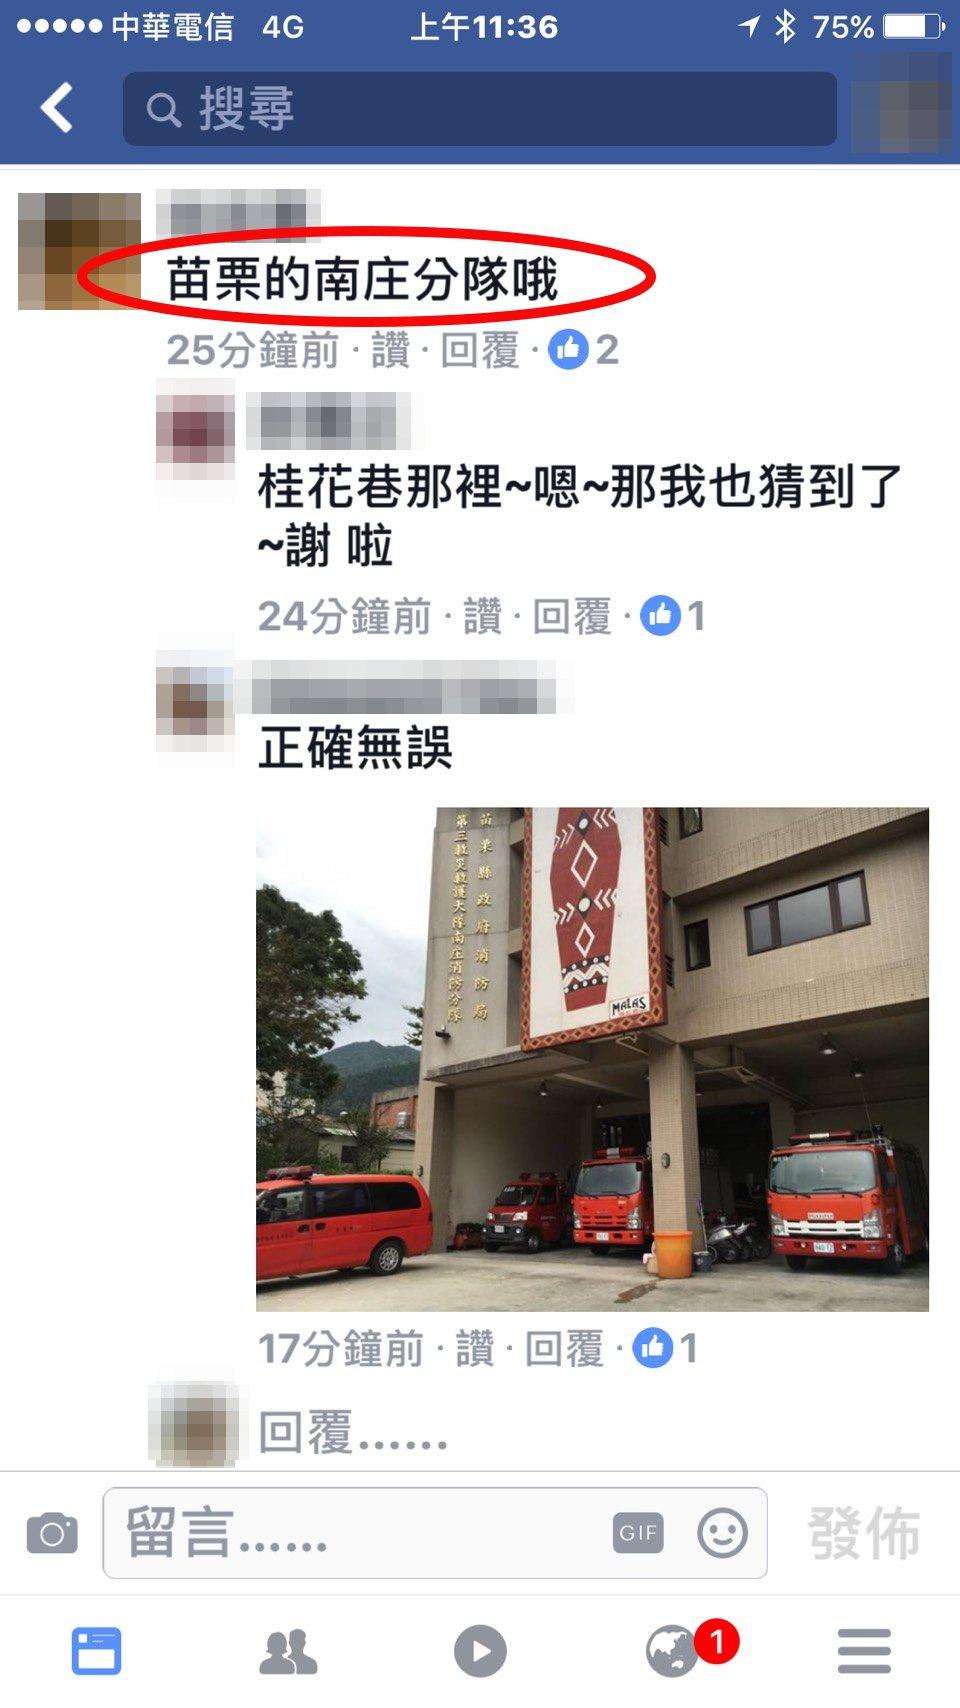 話題性十足的「法拉利姊」張婷婷,新曲替醫護警消讚聲,拍攝背景的消防分隊建築,與苗...